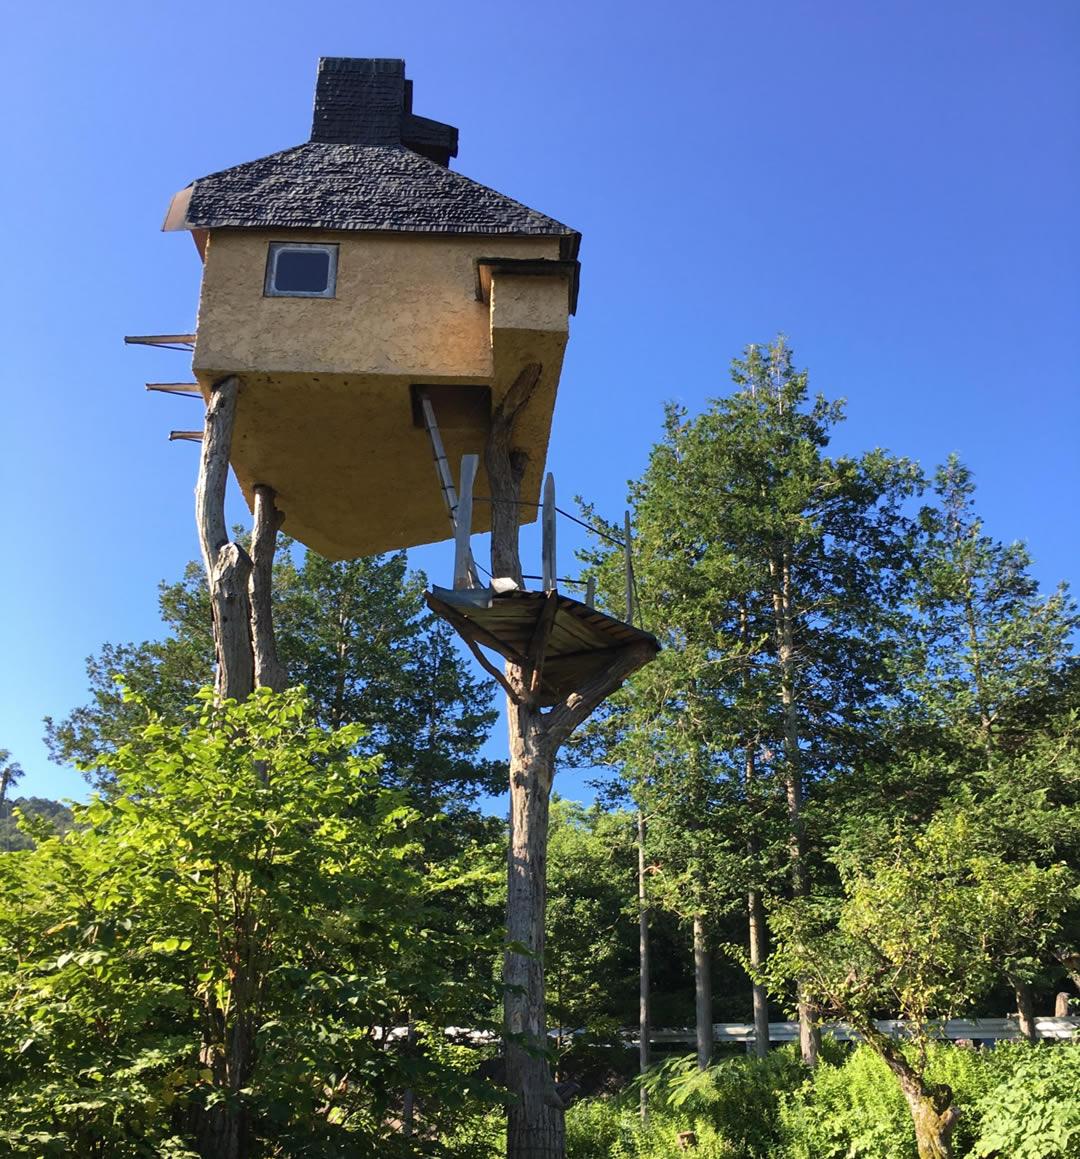 茅野市出身の建築家、藤森照信さんの作品の「高過庵」